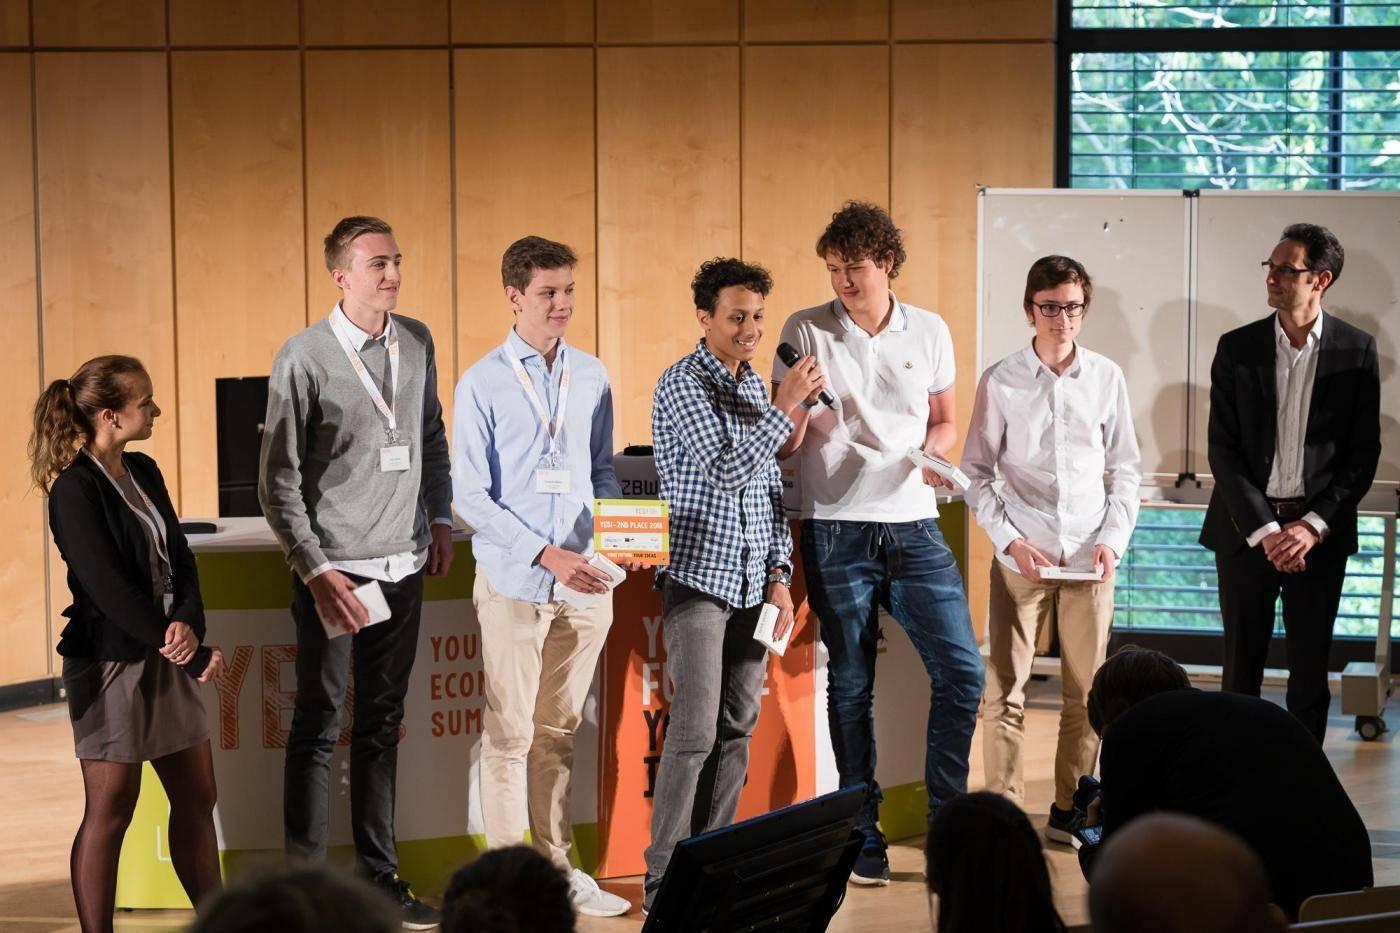 Die Schüler bei der Verleihung des Preises.